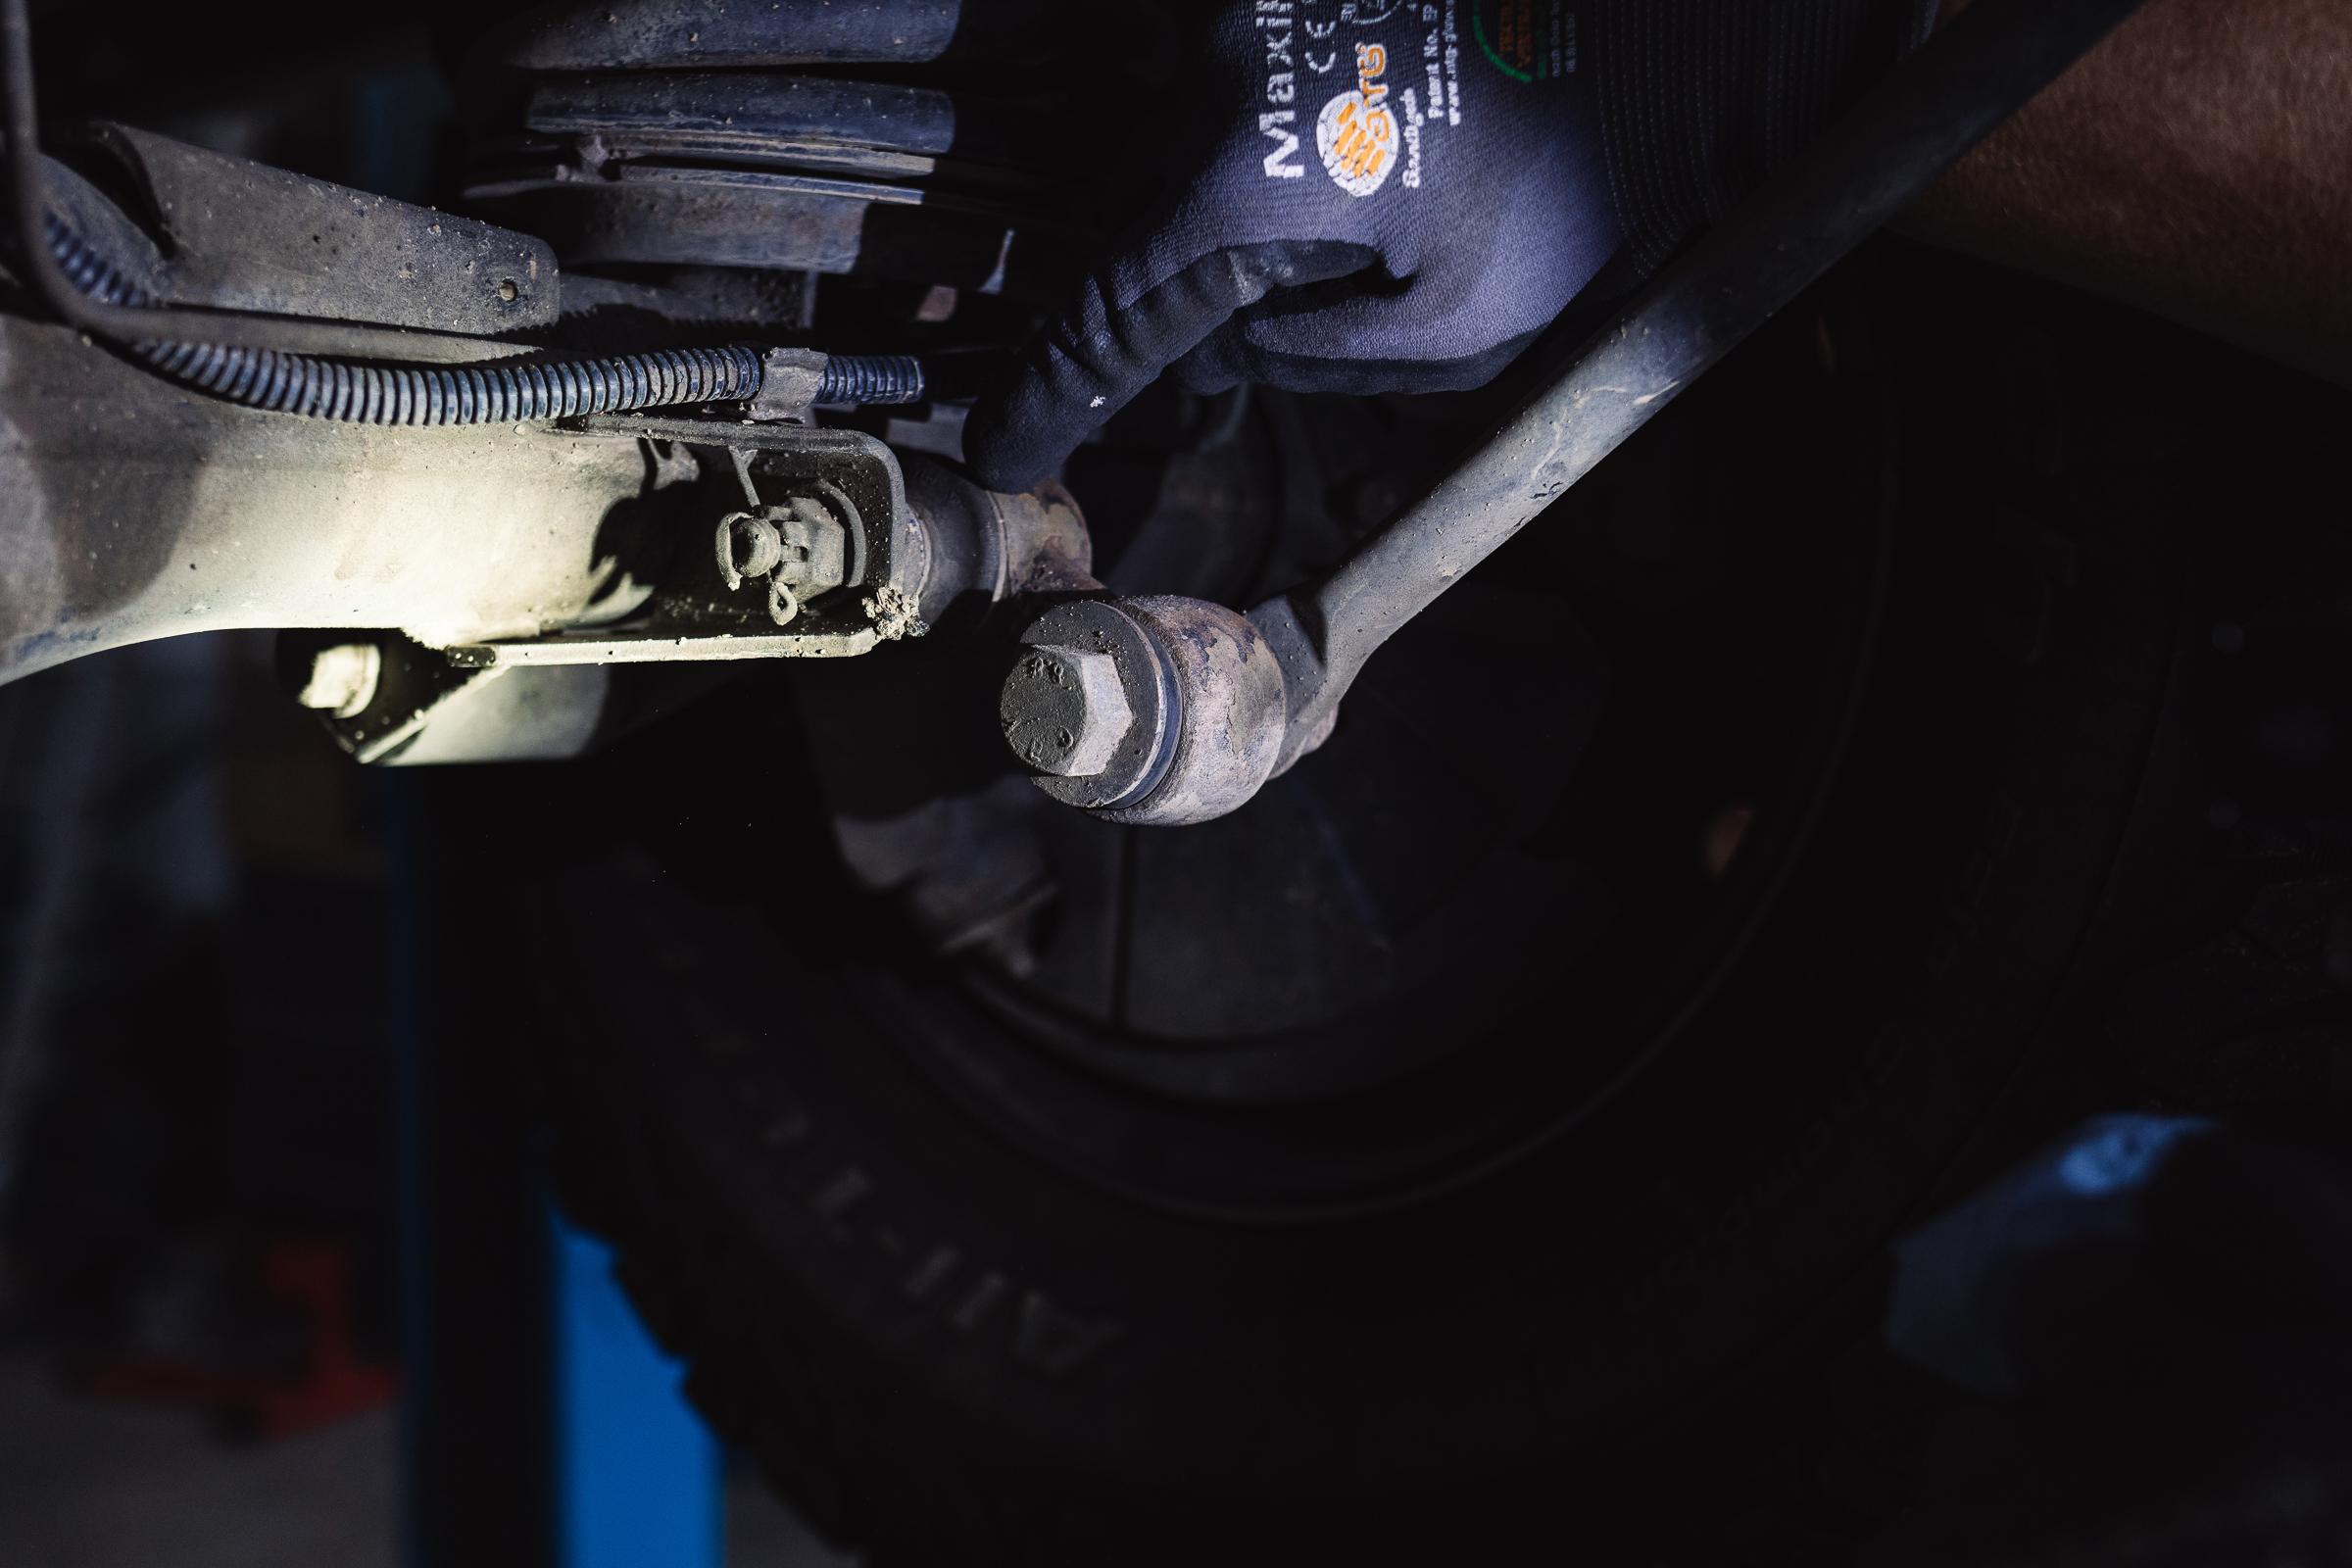 Fahrzeugcheck Reise - Stabilisatorenaufnahme an der Achse und Gelenk - beide haben Gummibuchsen.